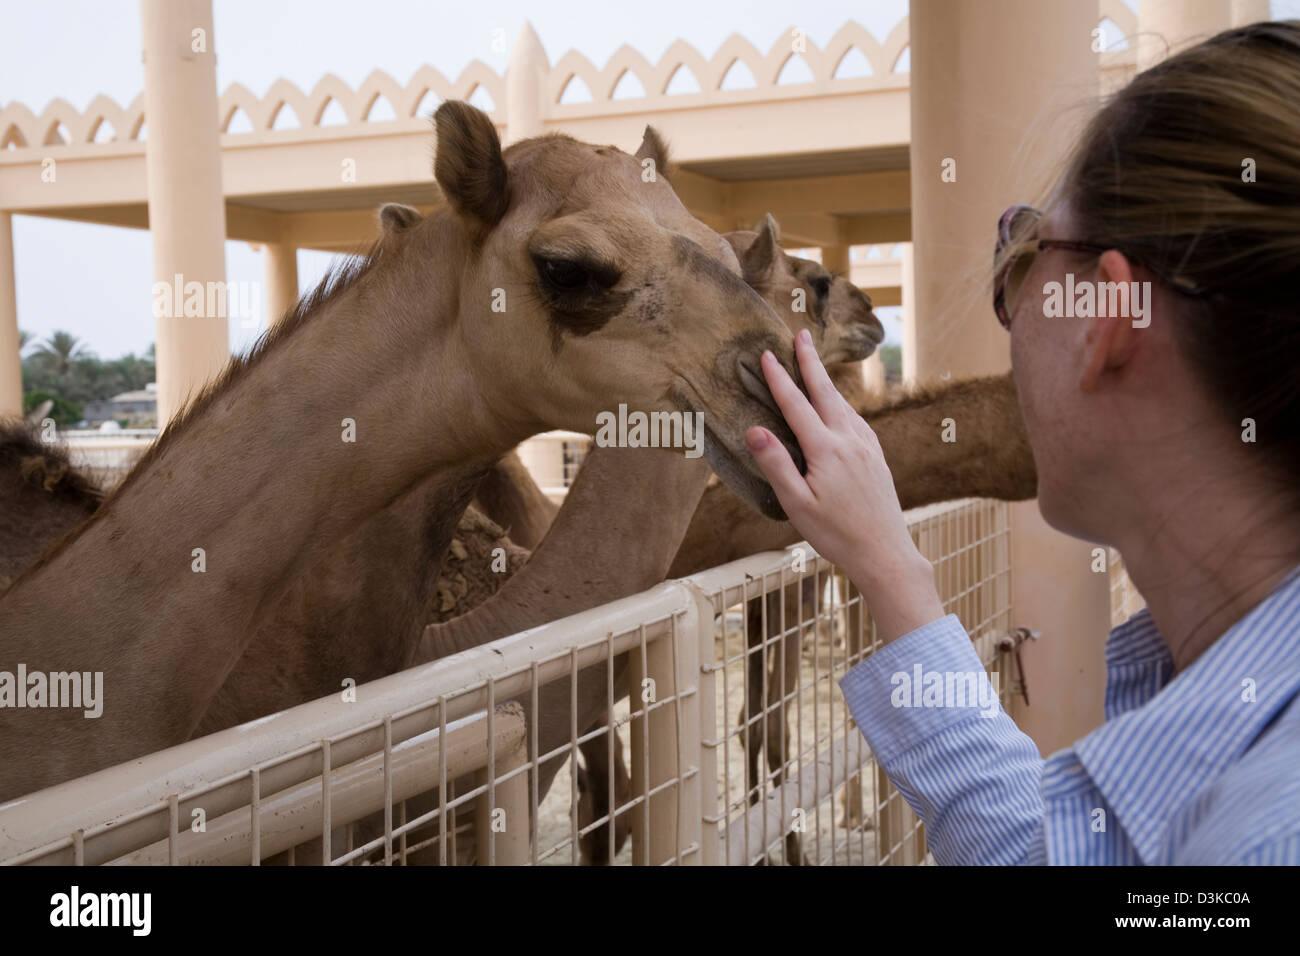 Al-Khalifa establos están abiertas al público y a los jóvenes en particular los camellos, realmente Imagen De Stock